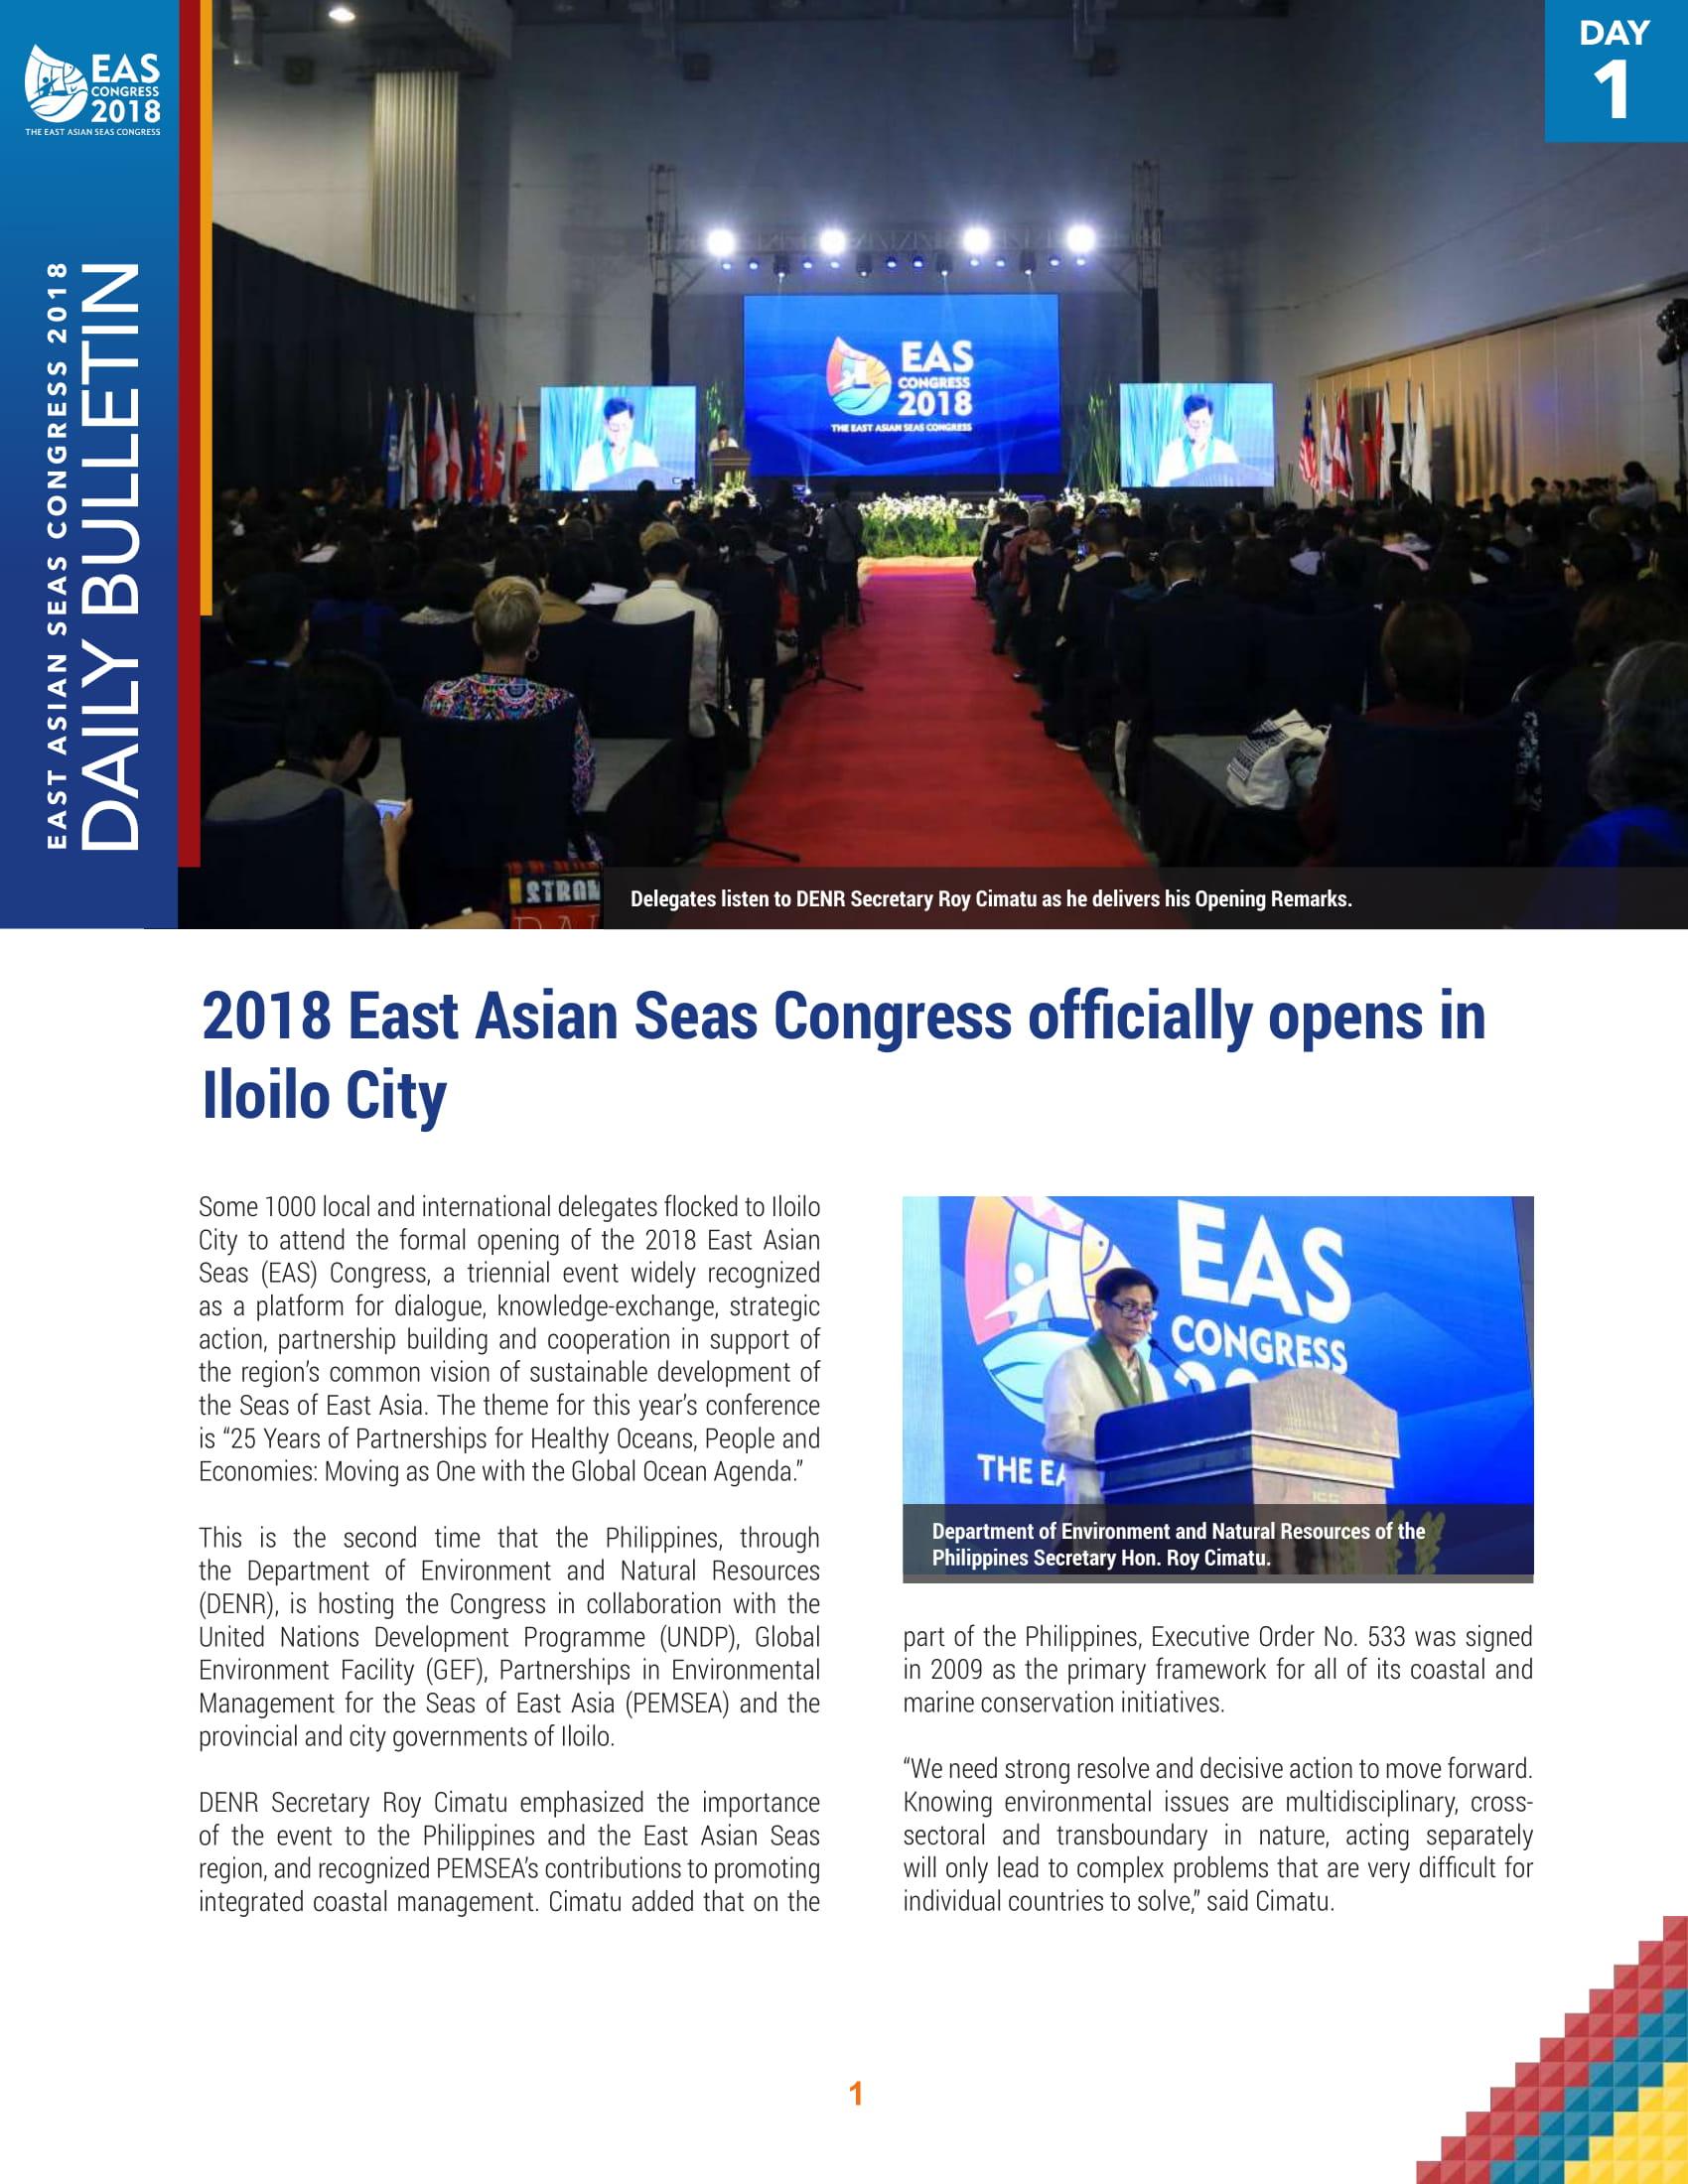 EASC 2018 Daily Bulletin: Day 1